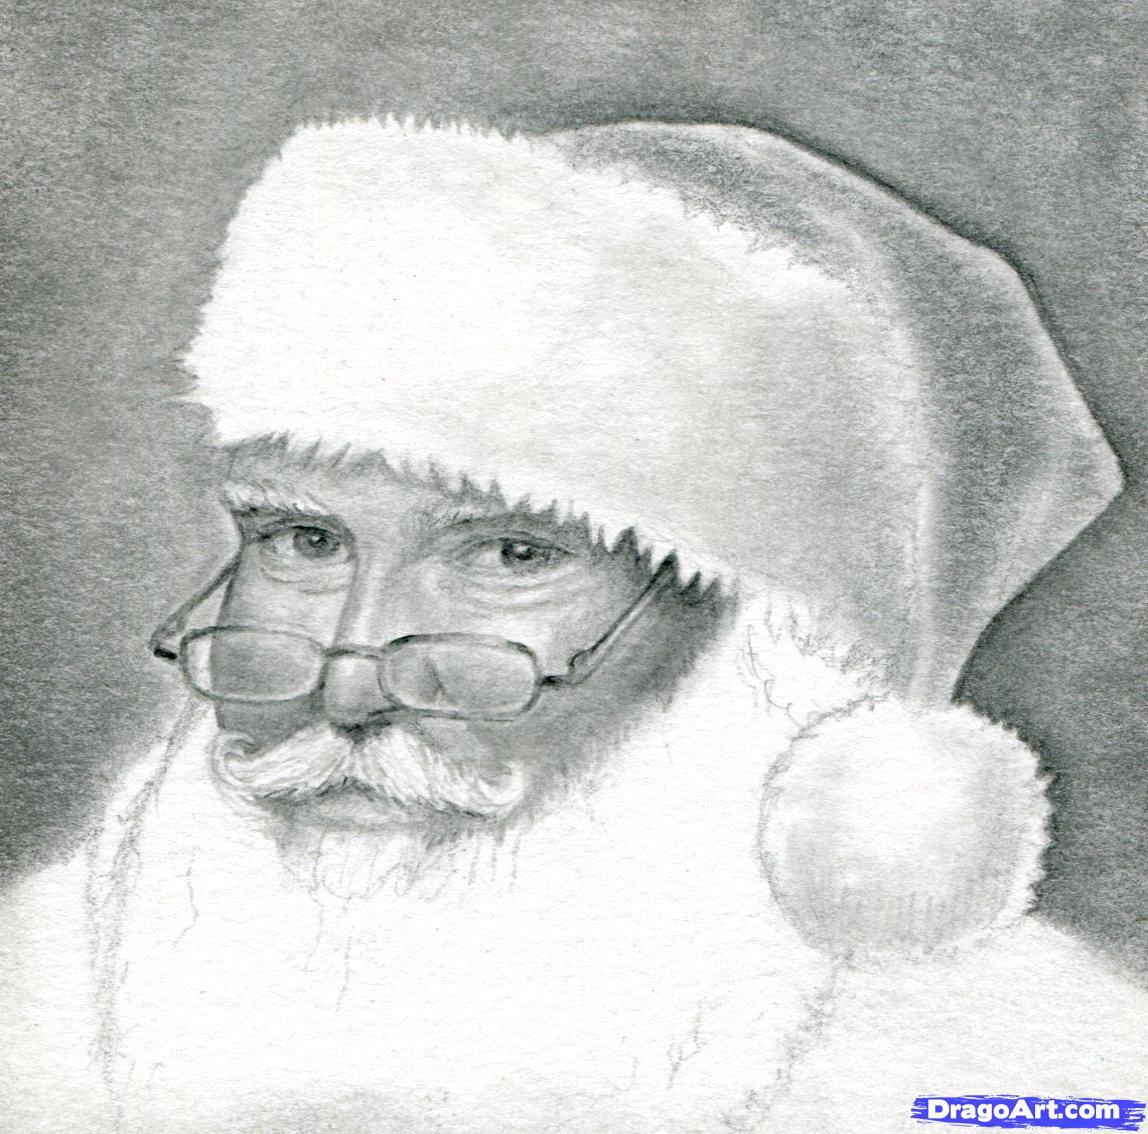 Drawn santa realistic Santa Drawing to Santa Claus